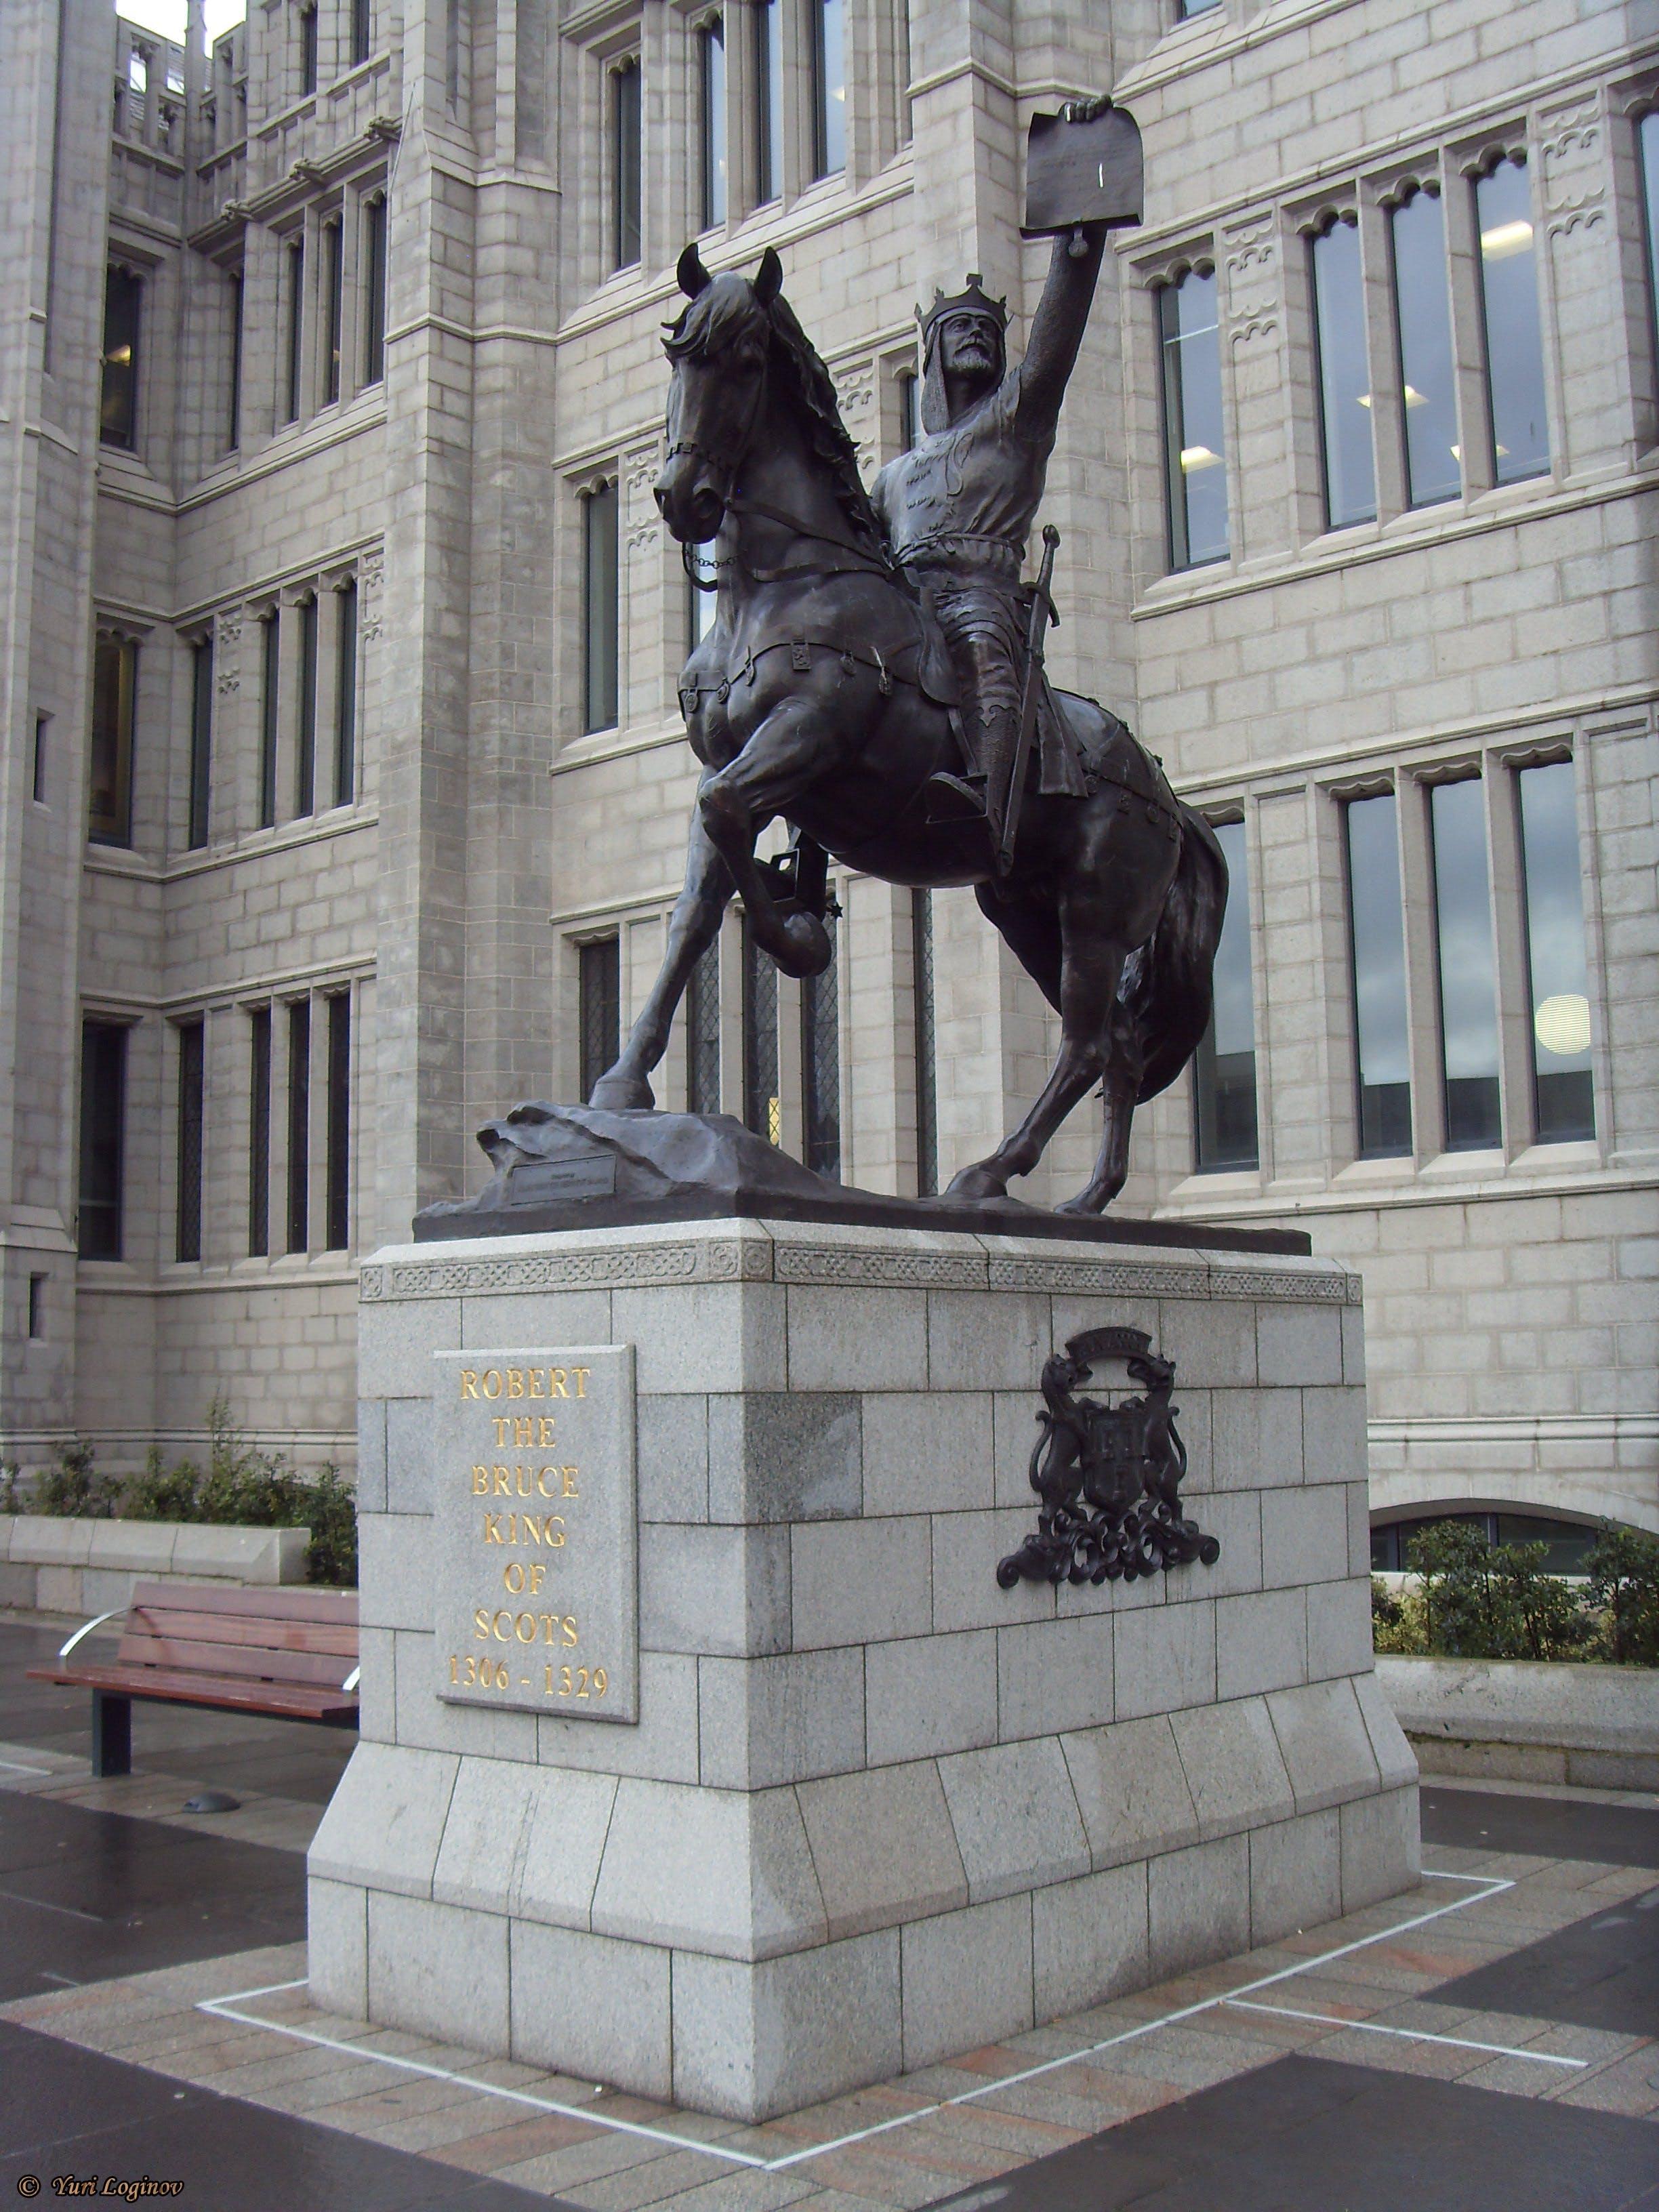 Free stock photo of Aberdeen, Aberdeen City Council, Robert the Bruce, scotland